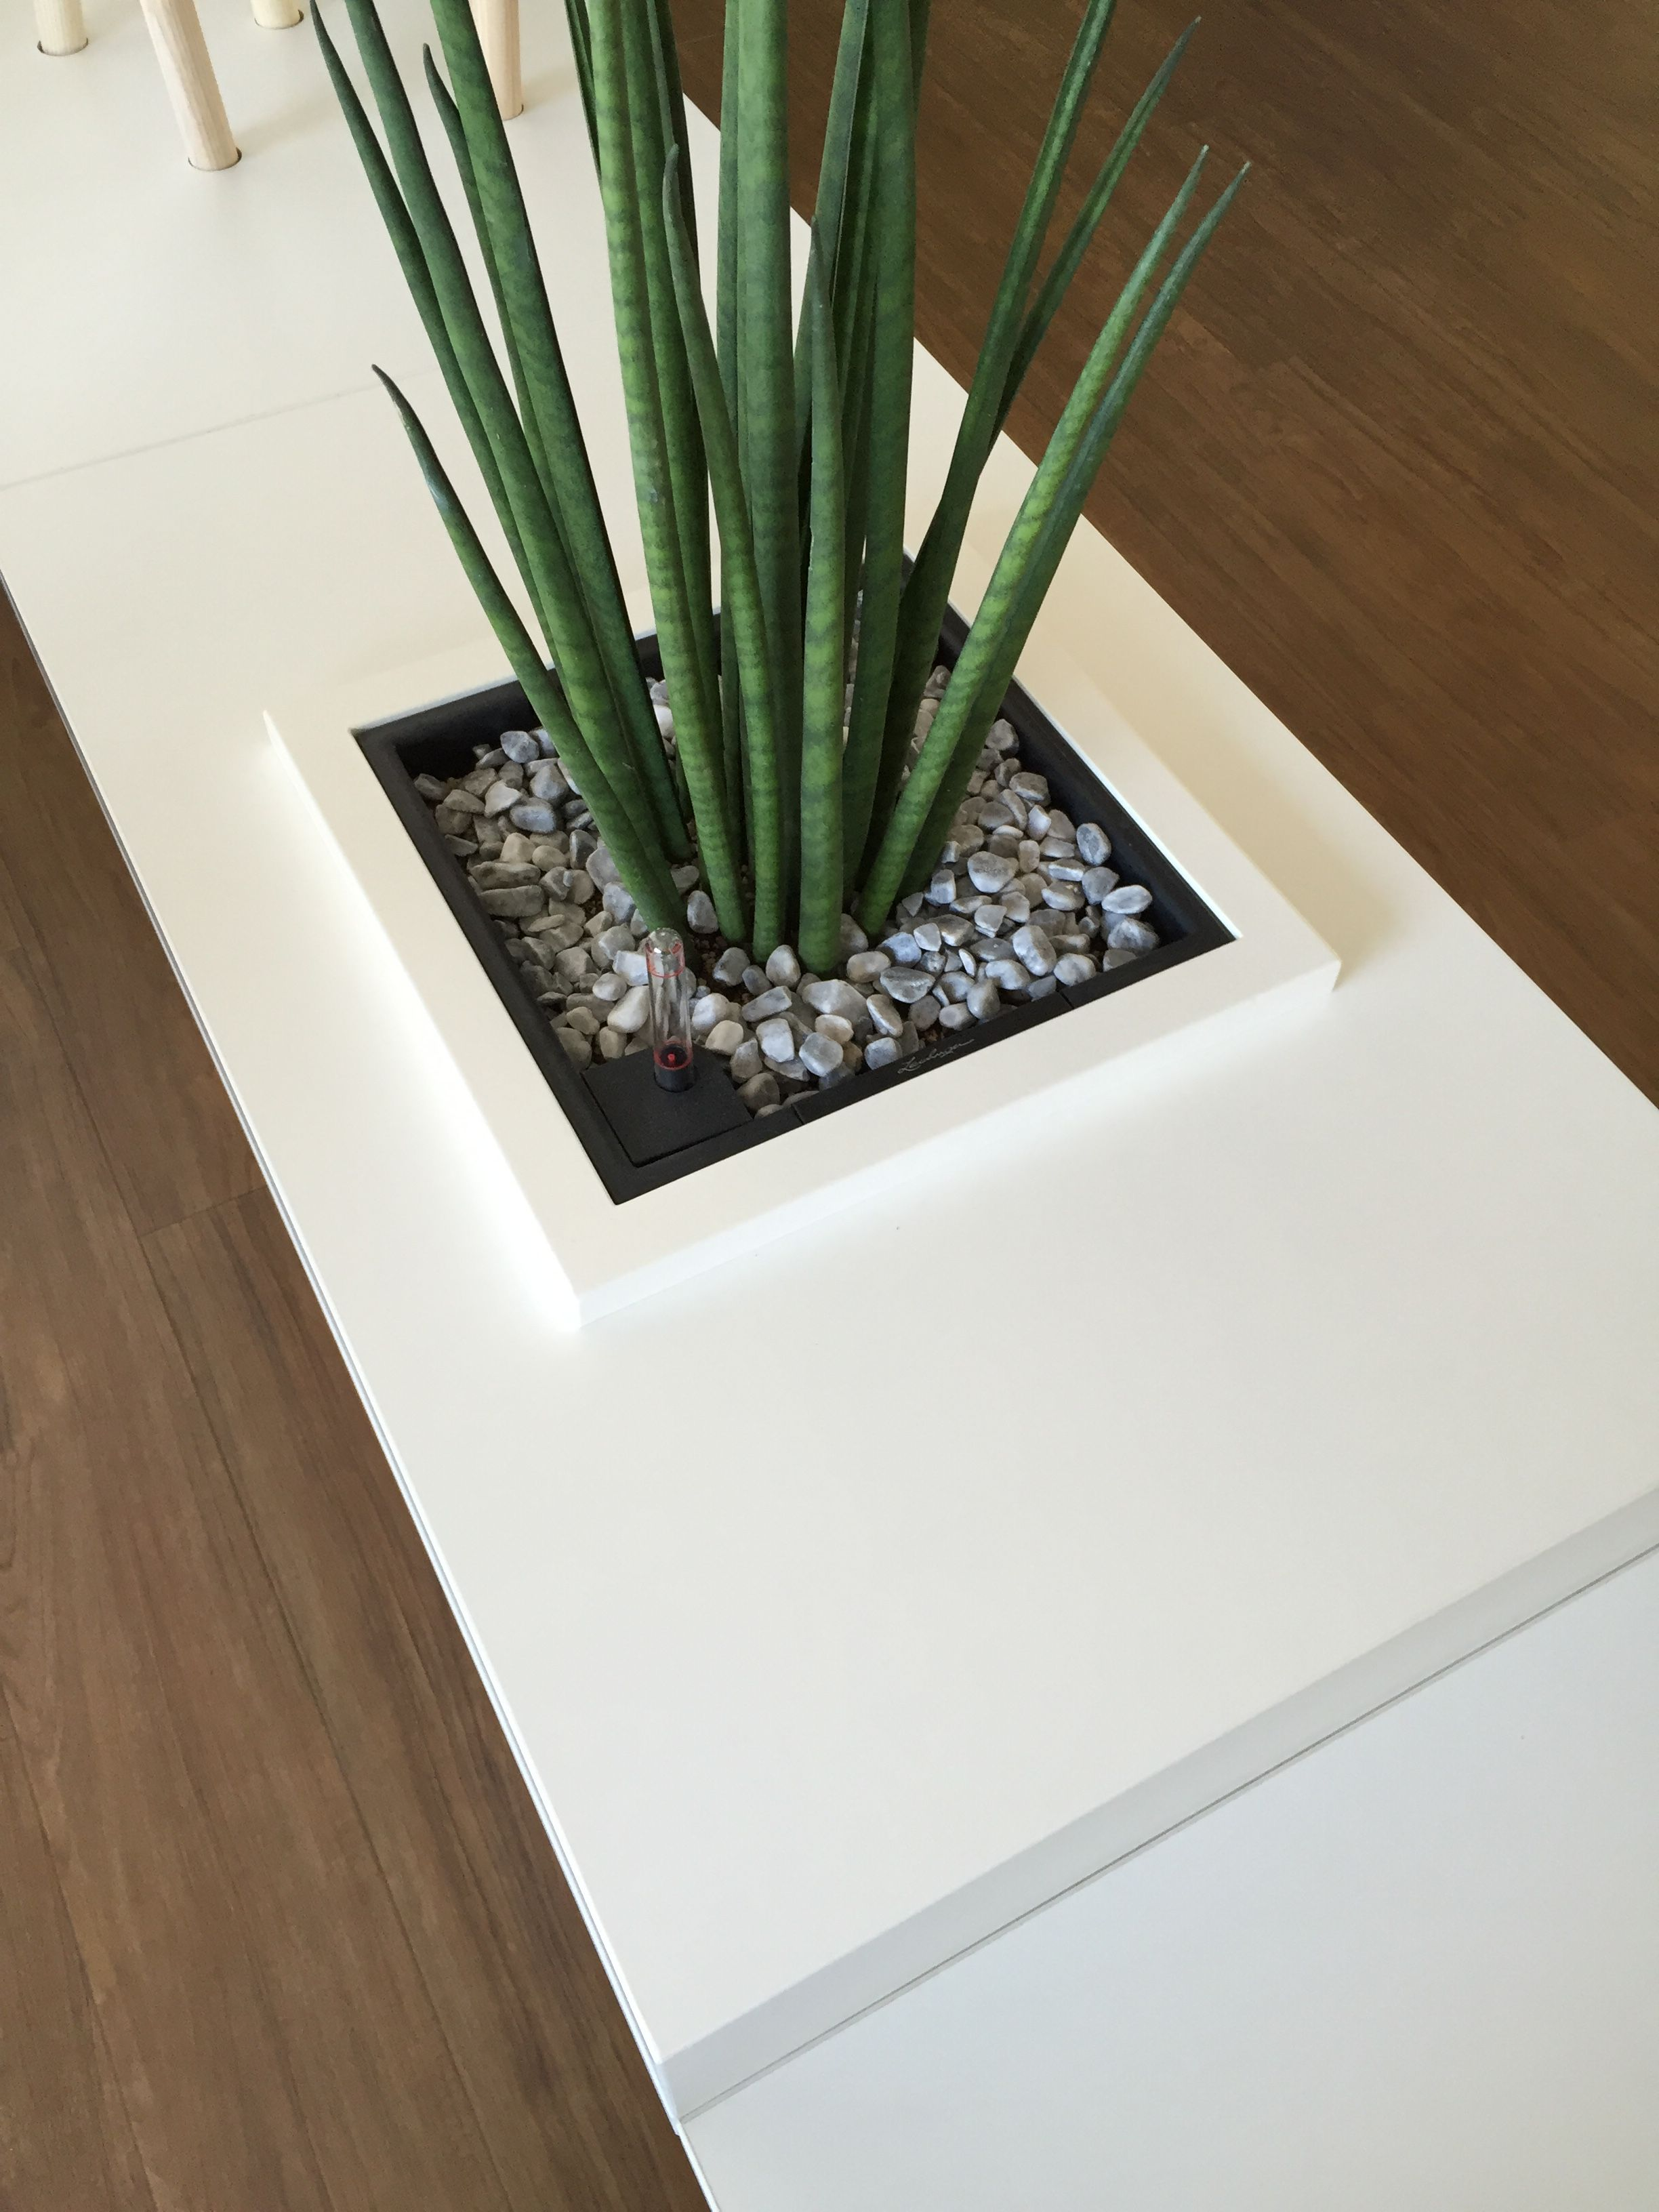 Raumteiler mit Pflanze by kühnle'waiko #office #furniture #workspace #interior #design